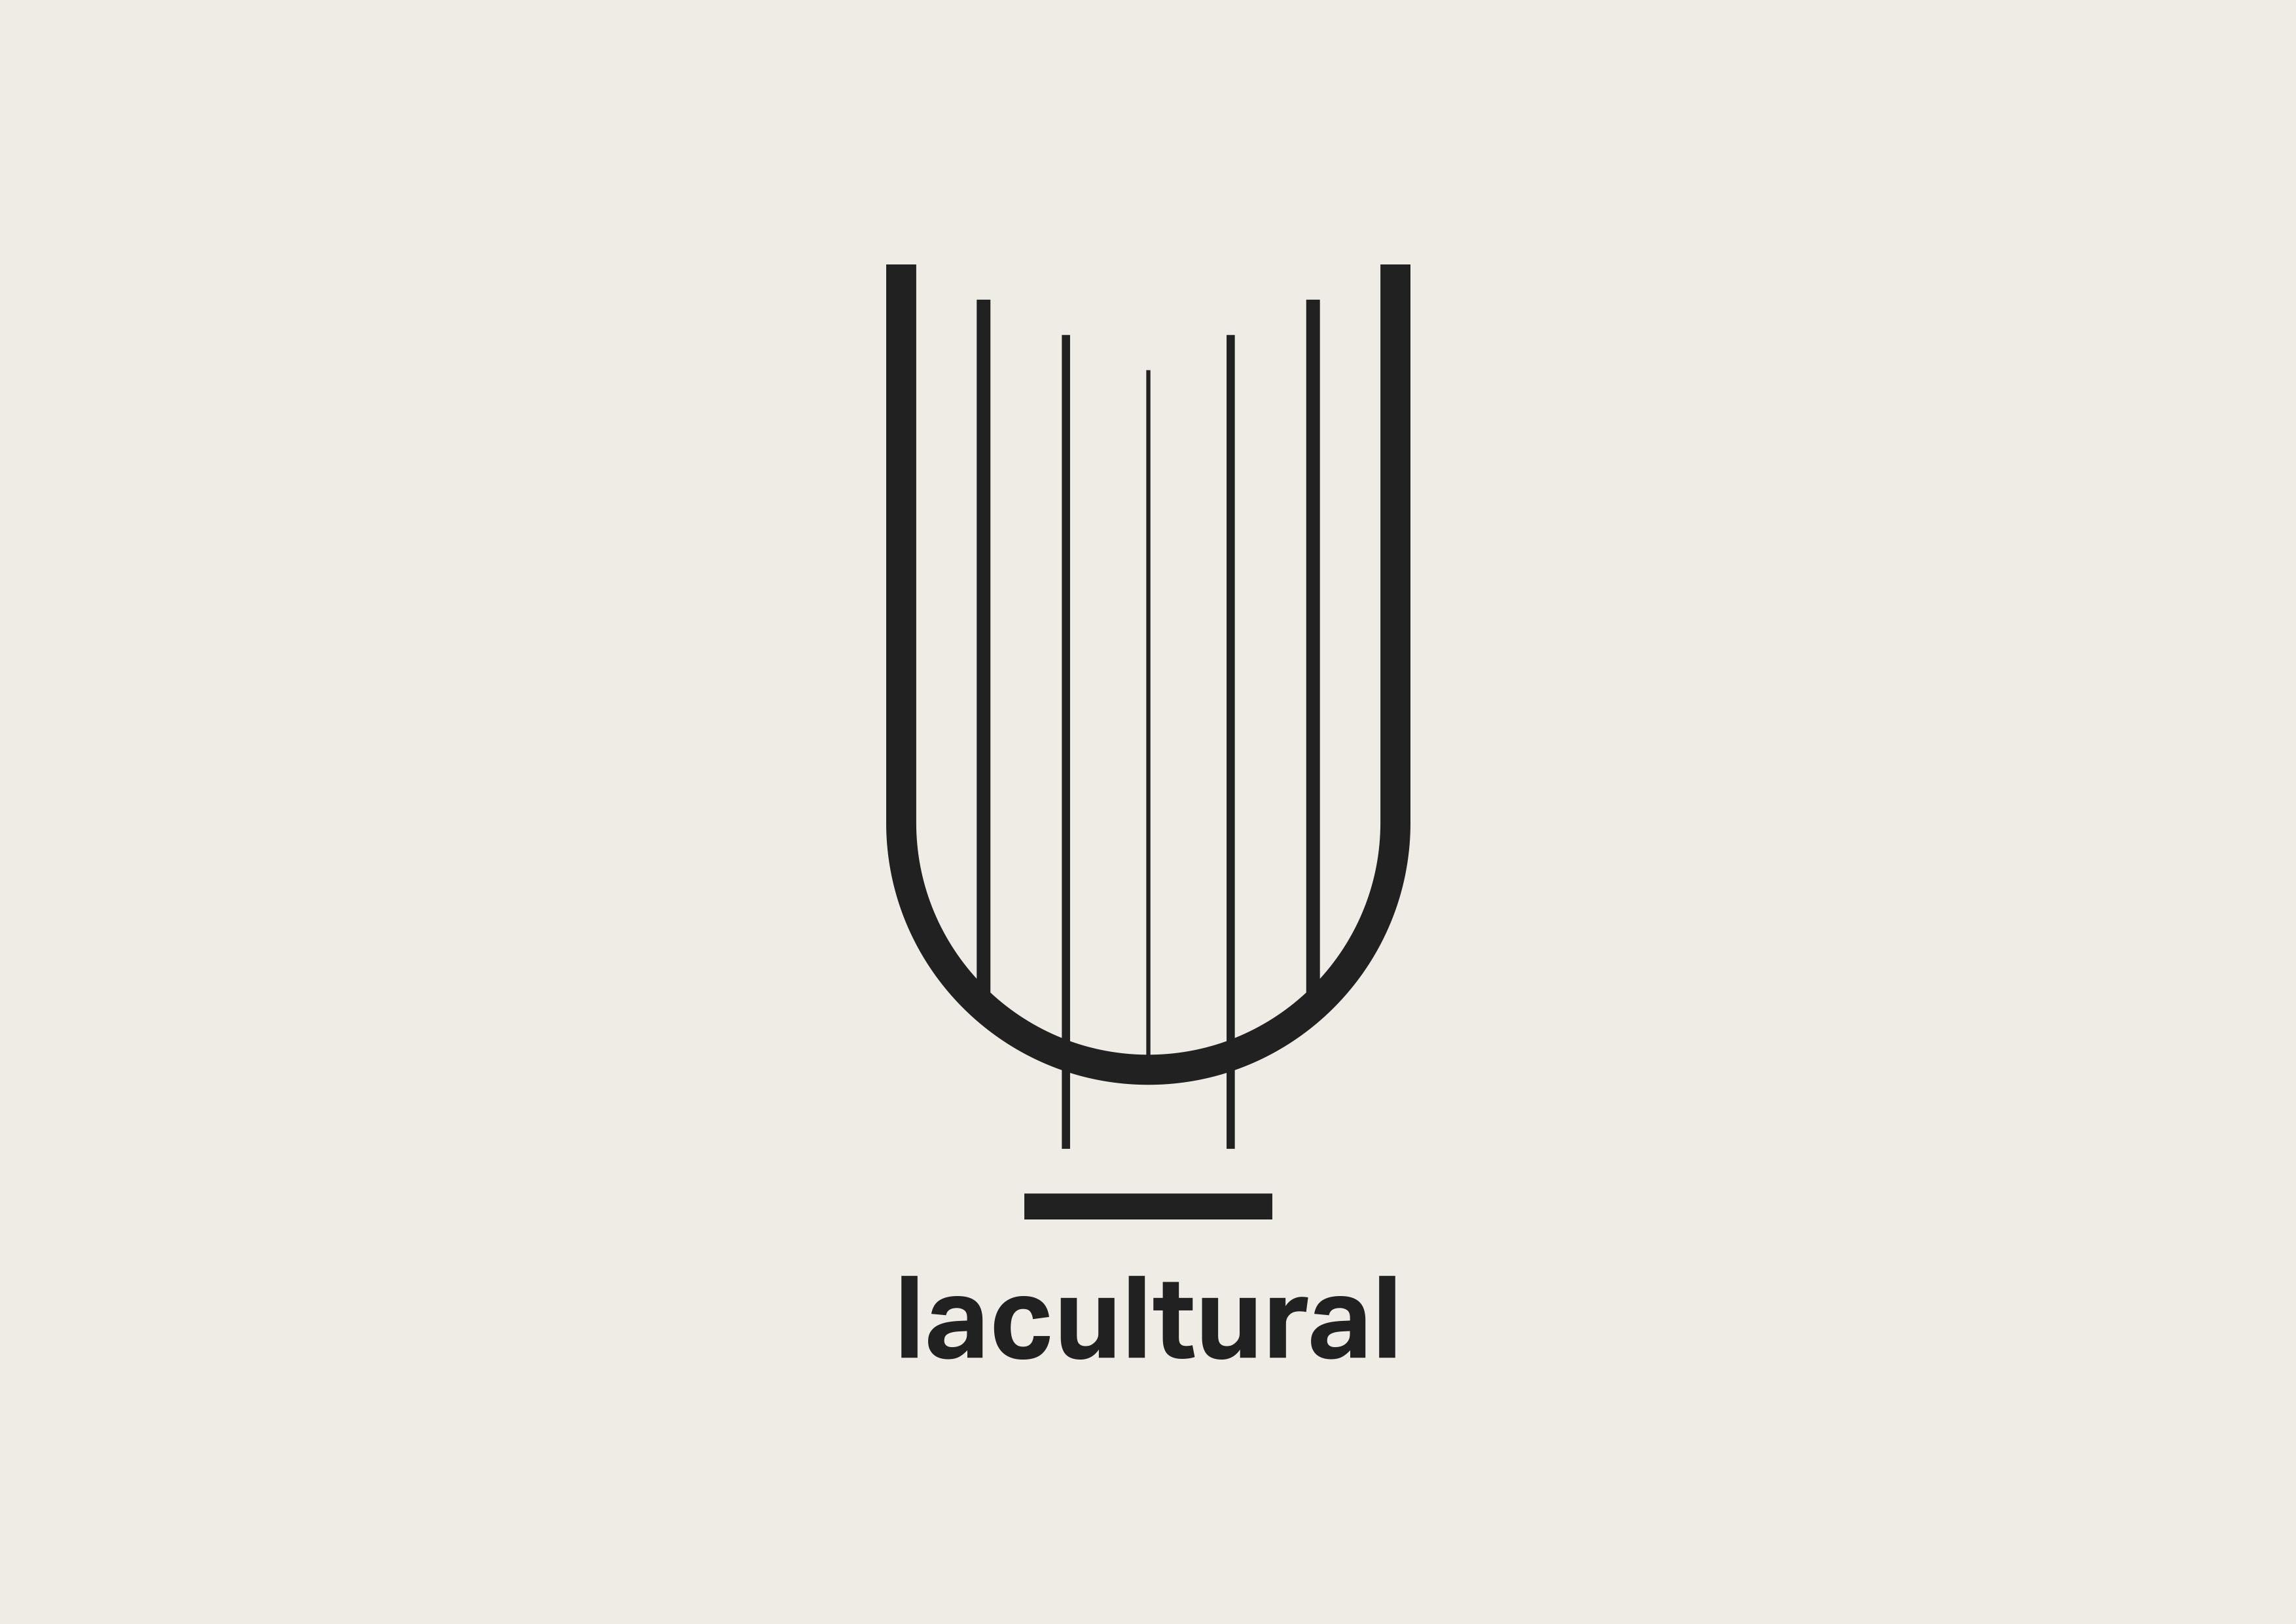 La Cultural